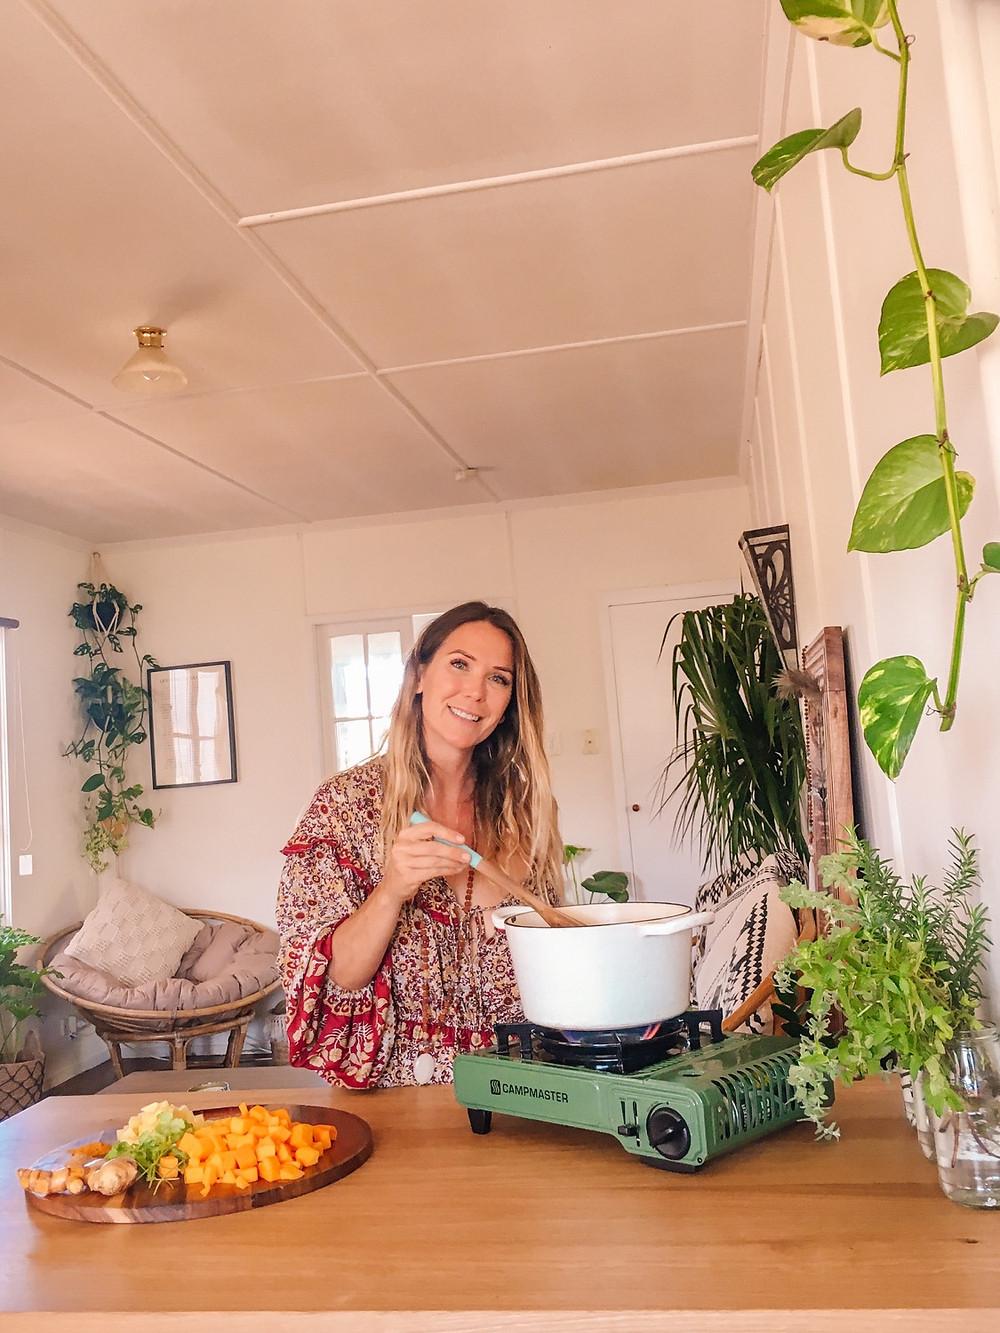 Vegan Vanlife Recipe: Immunity Boosting Pumpkin, Ginger & Turmeric Soup